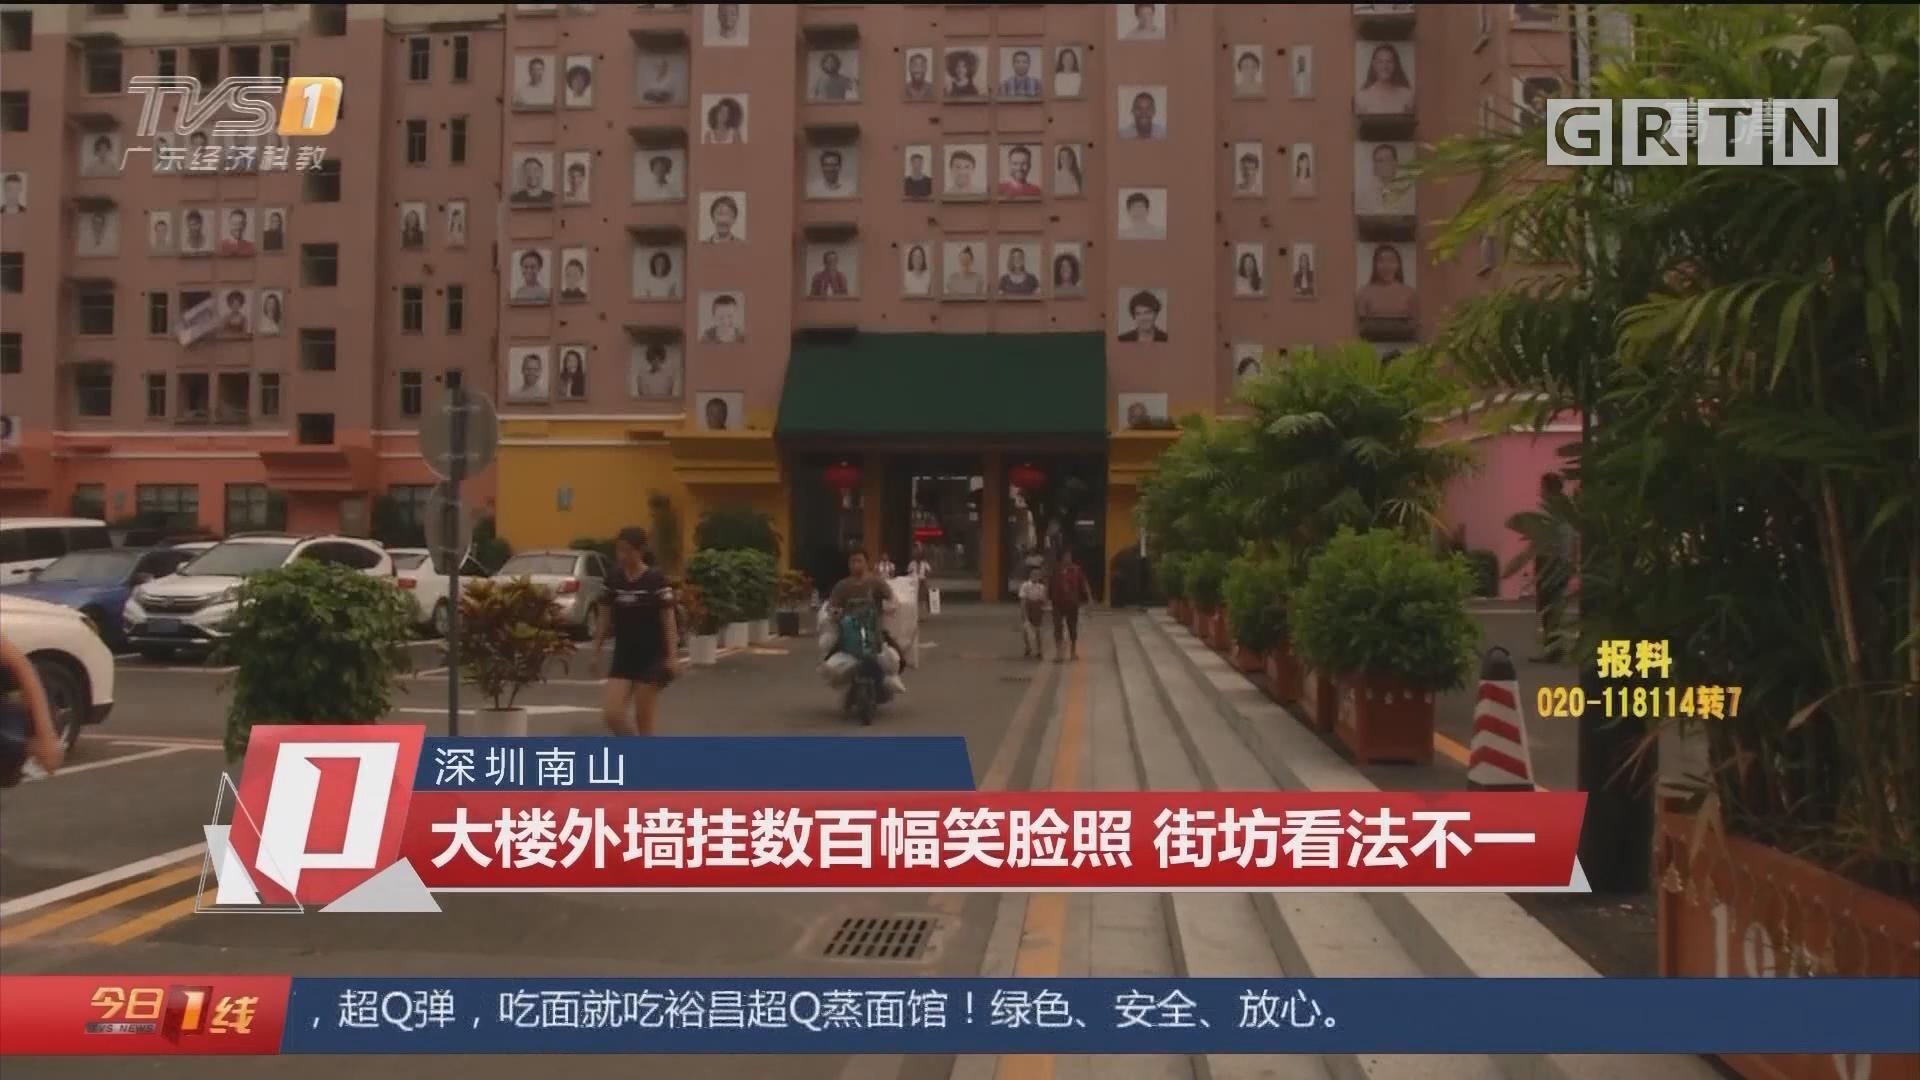 深圳南山:大楼外墙挂数百幅笑脸照 街坊看法不一